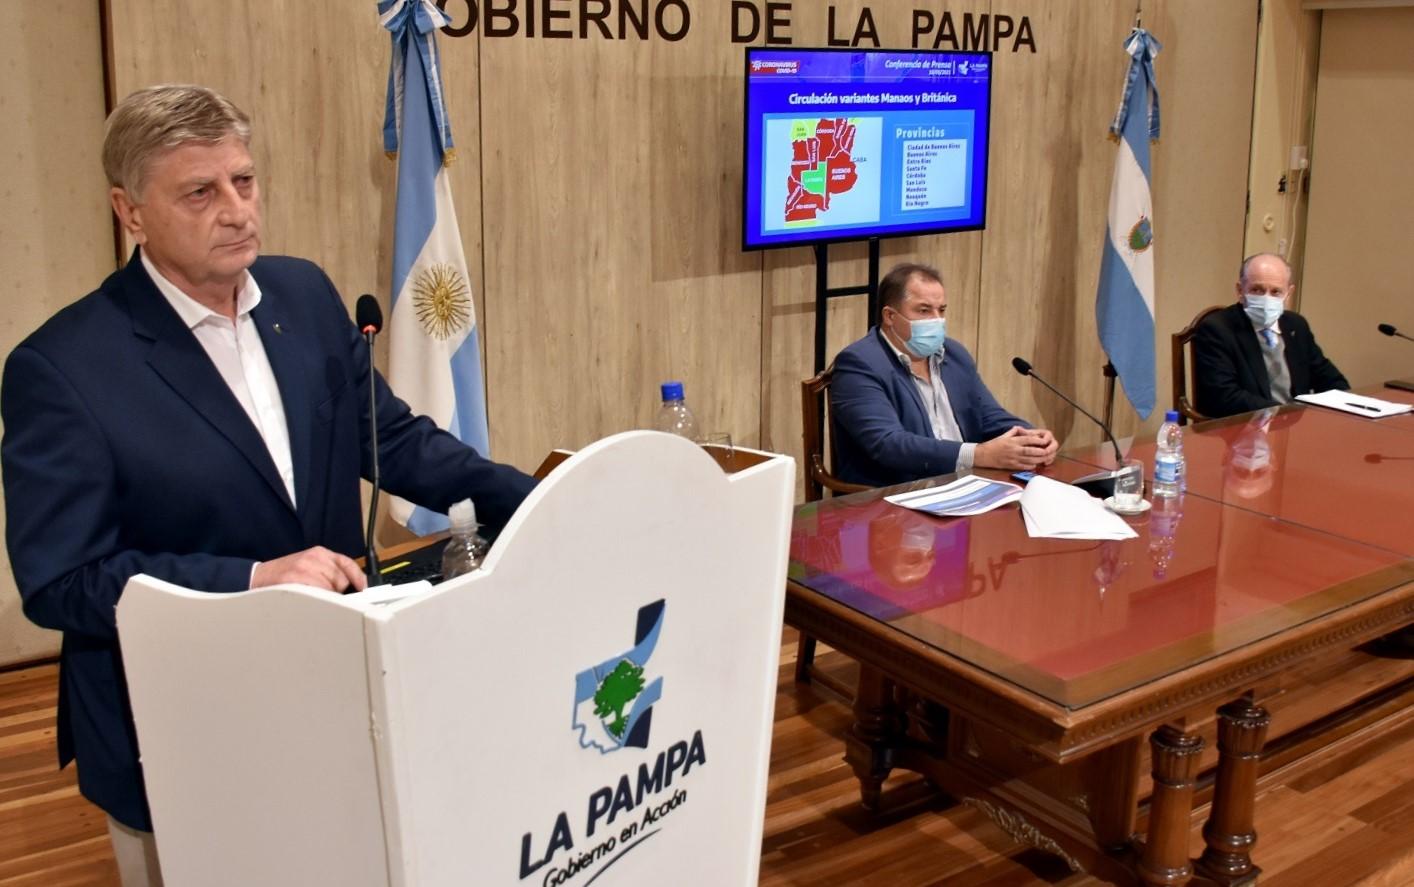 OFICIAL: Restringen la circulación de 21 a 7 horas por quince días y suspenden las clases presenciales en toda La Pampa